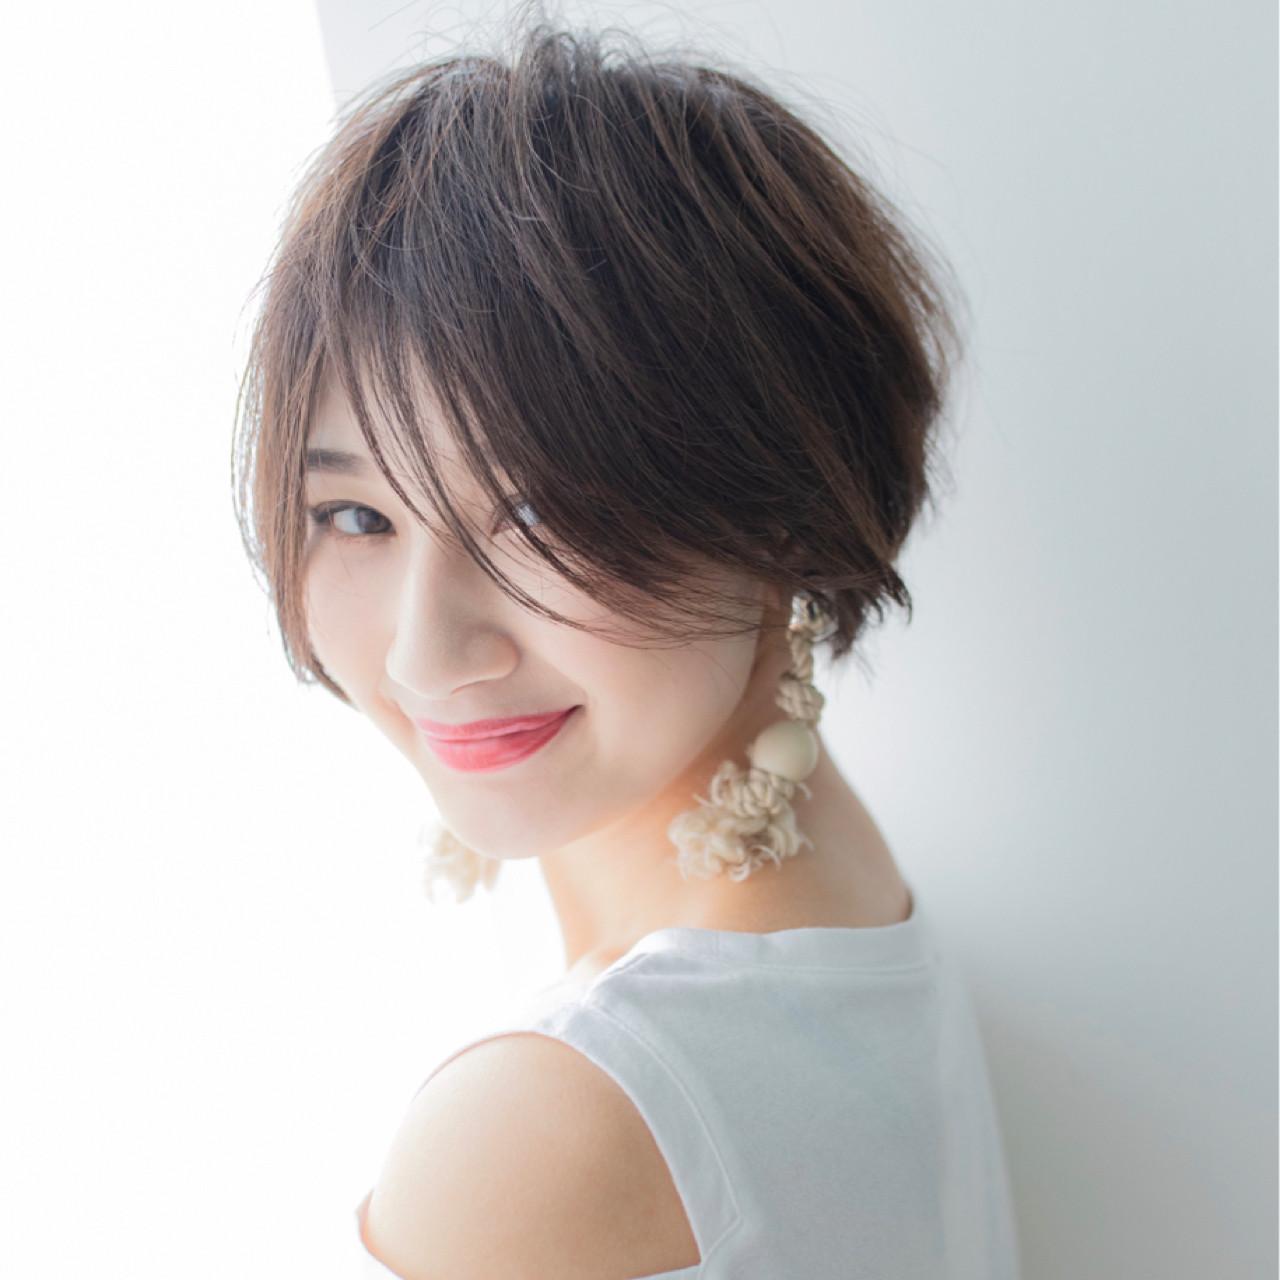 前髪あり ショート 涼しげ フェミニン ヘアスタイルや髪型の写真・画像 | 伊藤 大樹 / Lufeli